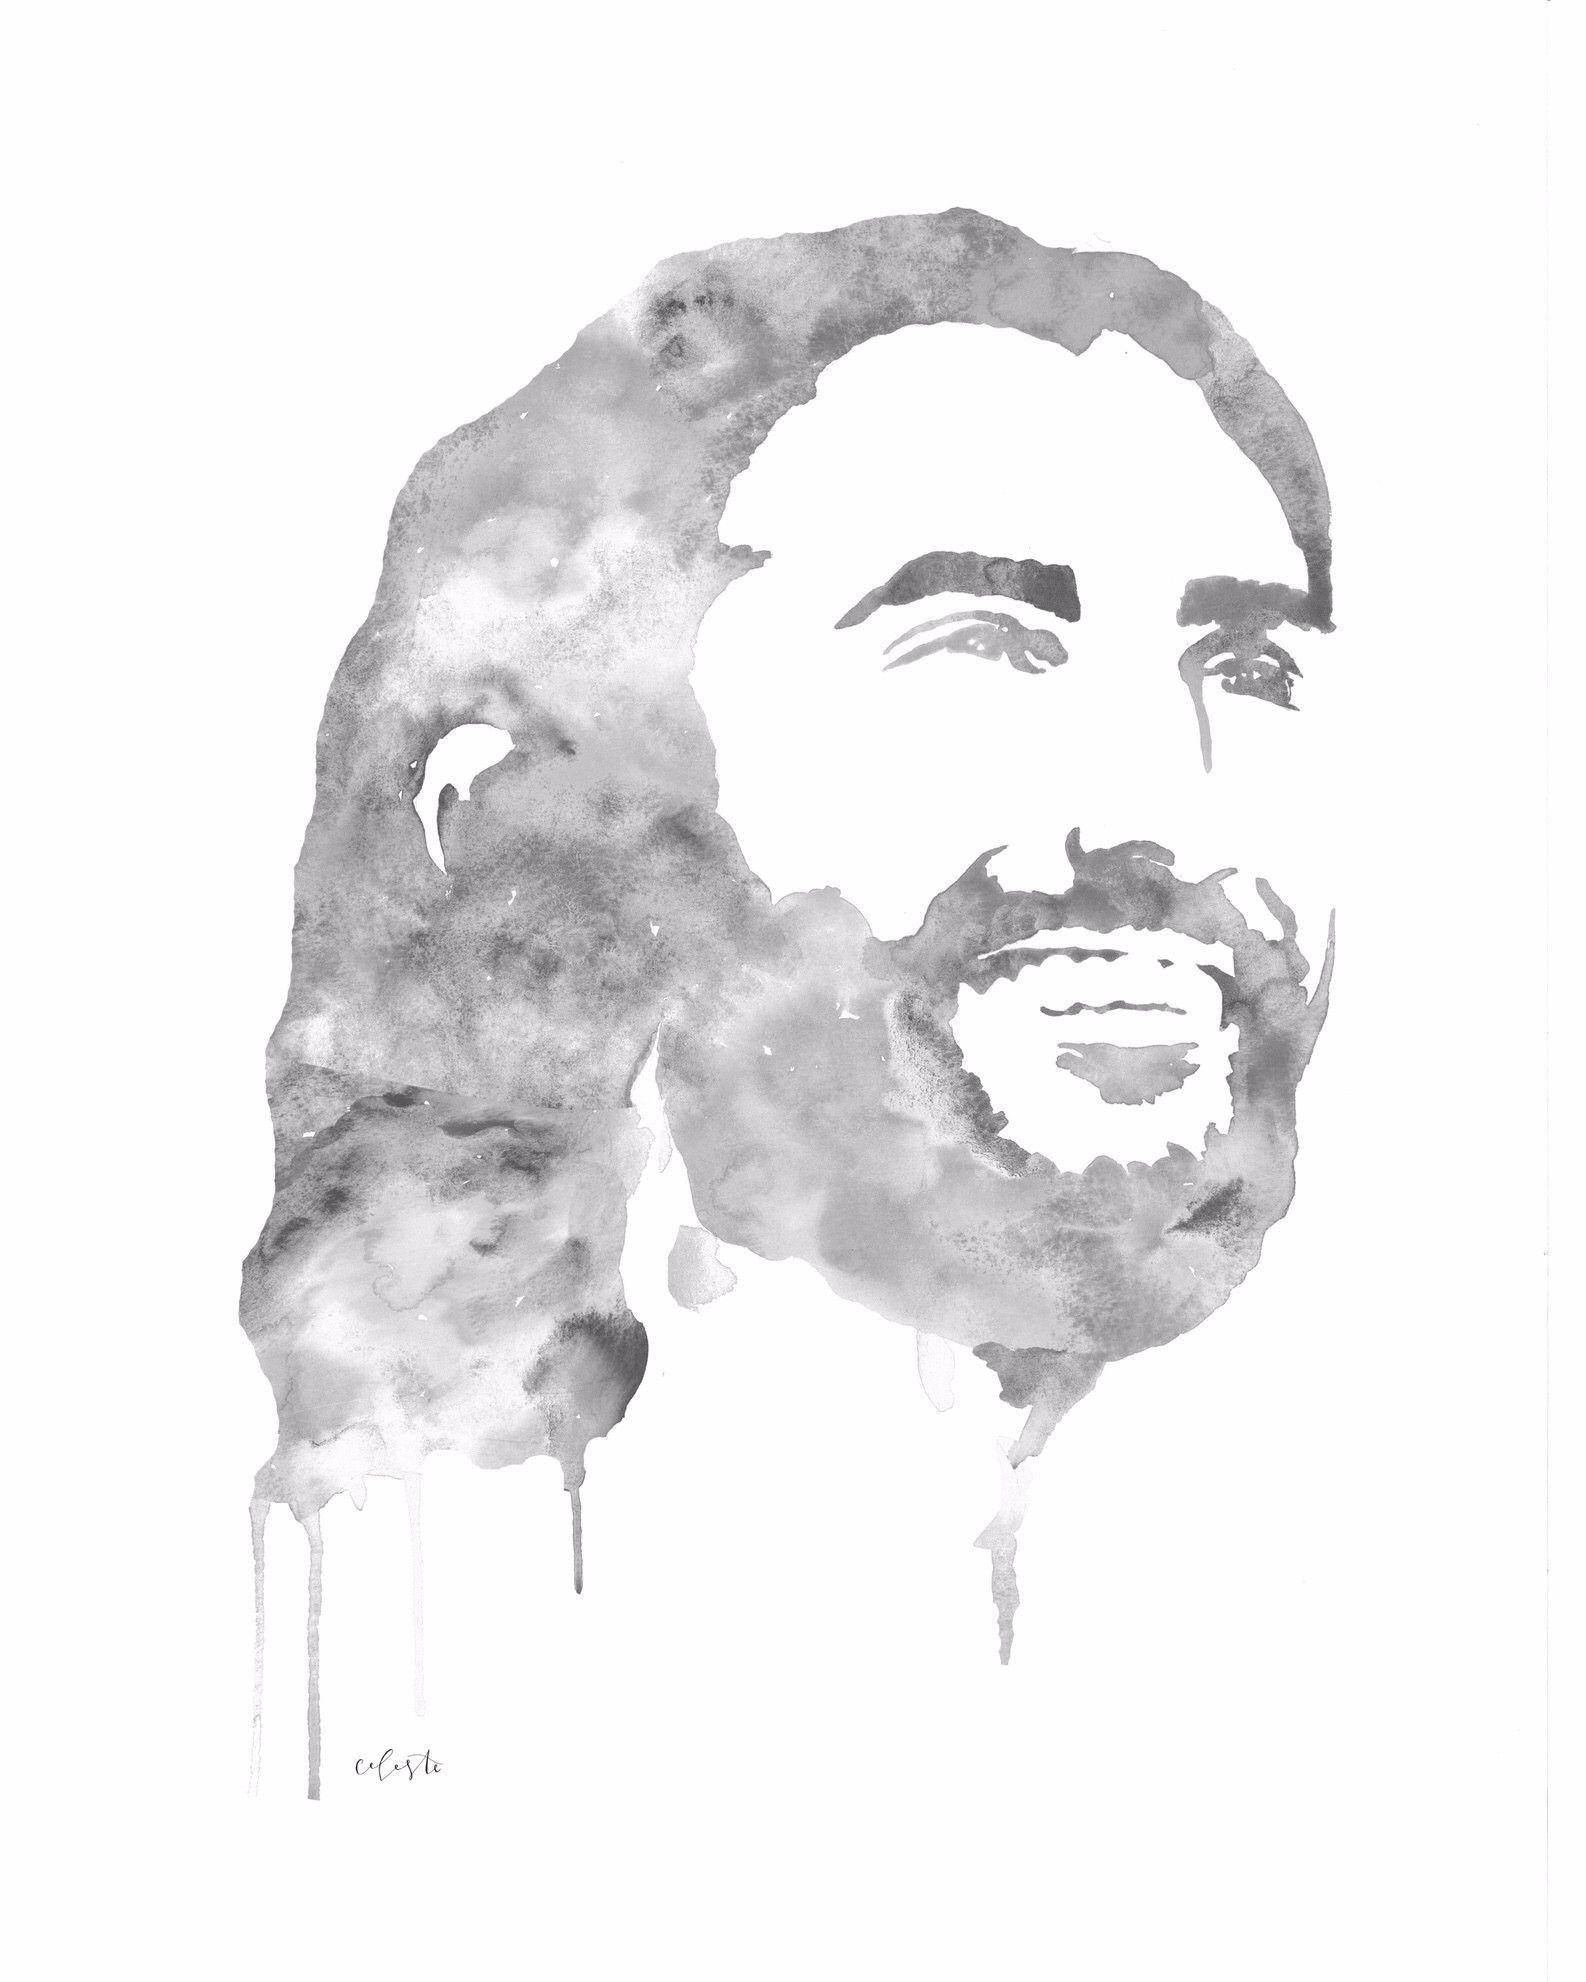 Jesus Christ The Savior Grey Tones Jesus Painting Jesus Art